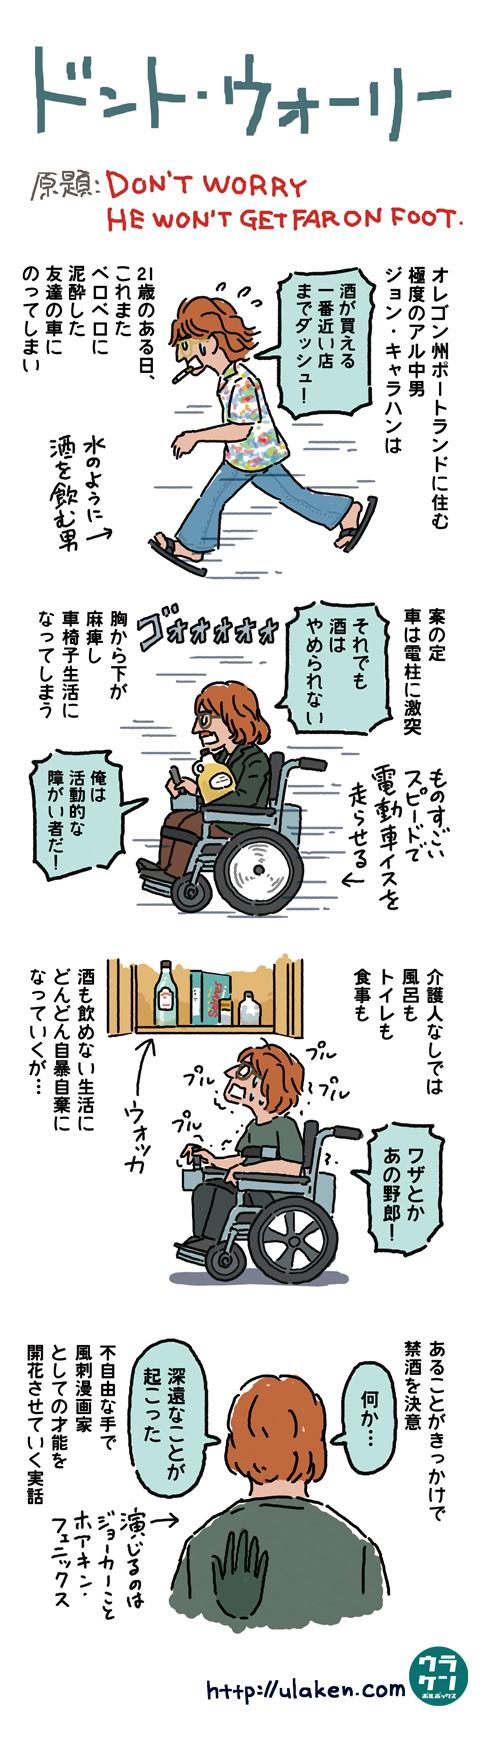 アル中高速車椅子『ドント・ウォーリー』_b0314286_10384471.jpg